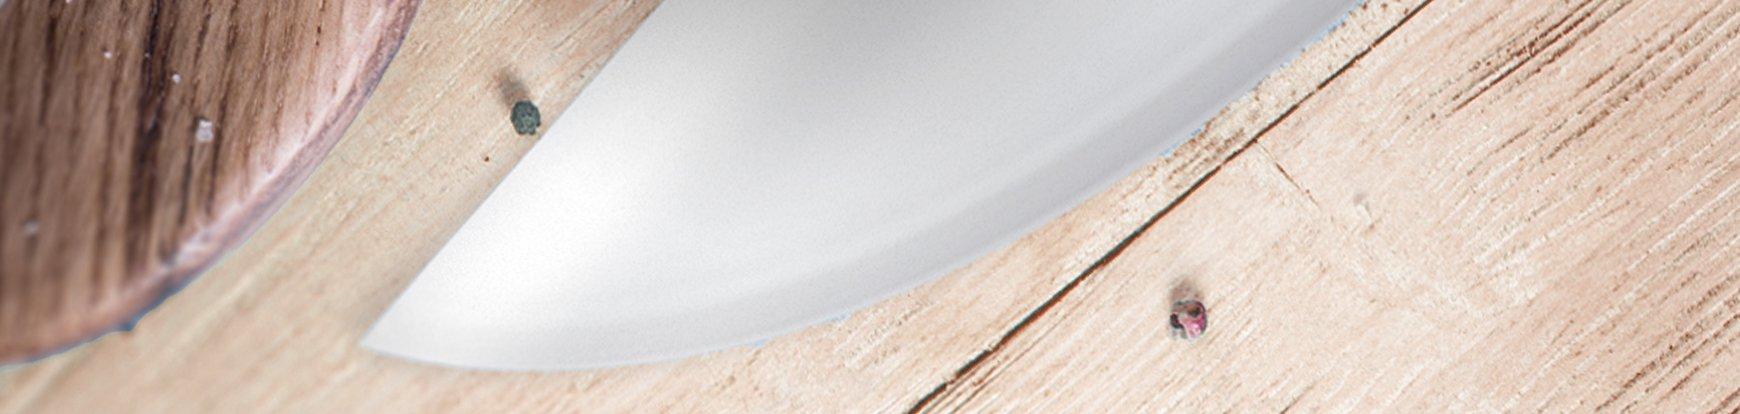 cuchillos-filetera-arcos